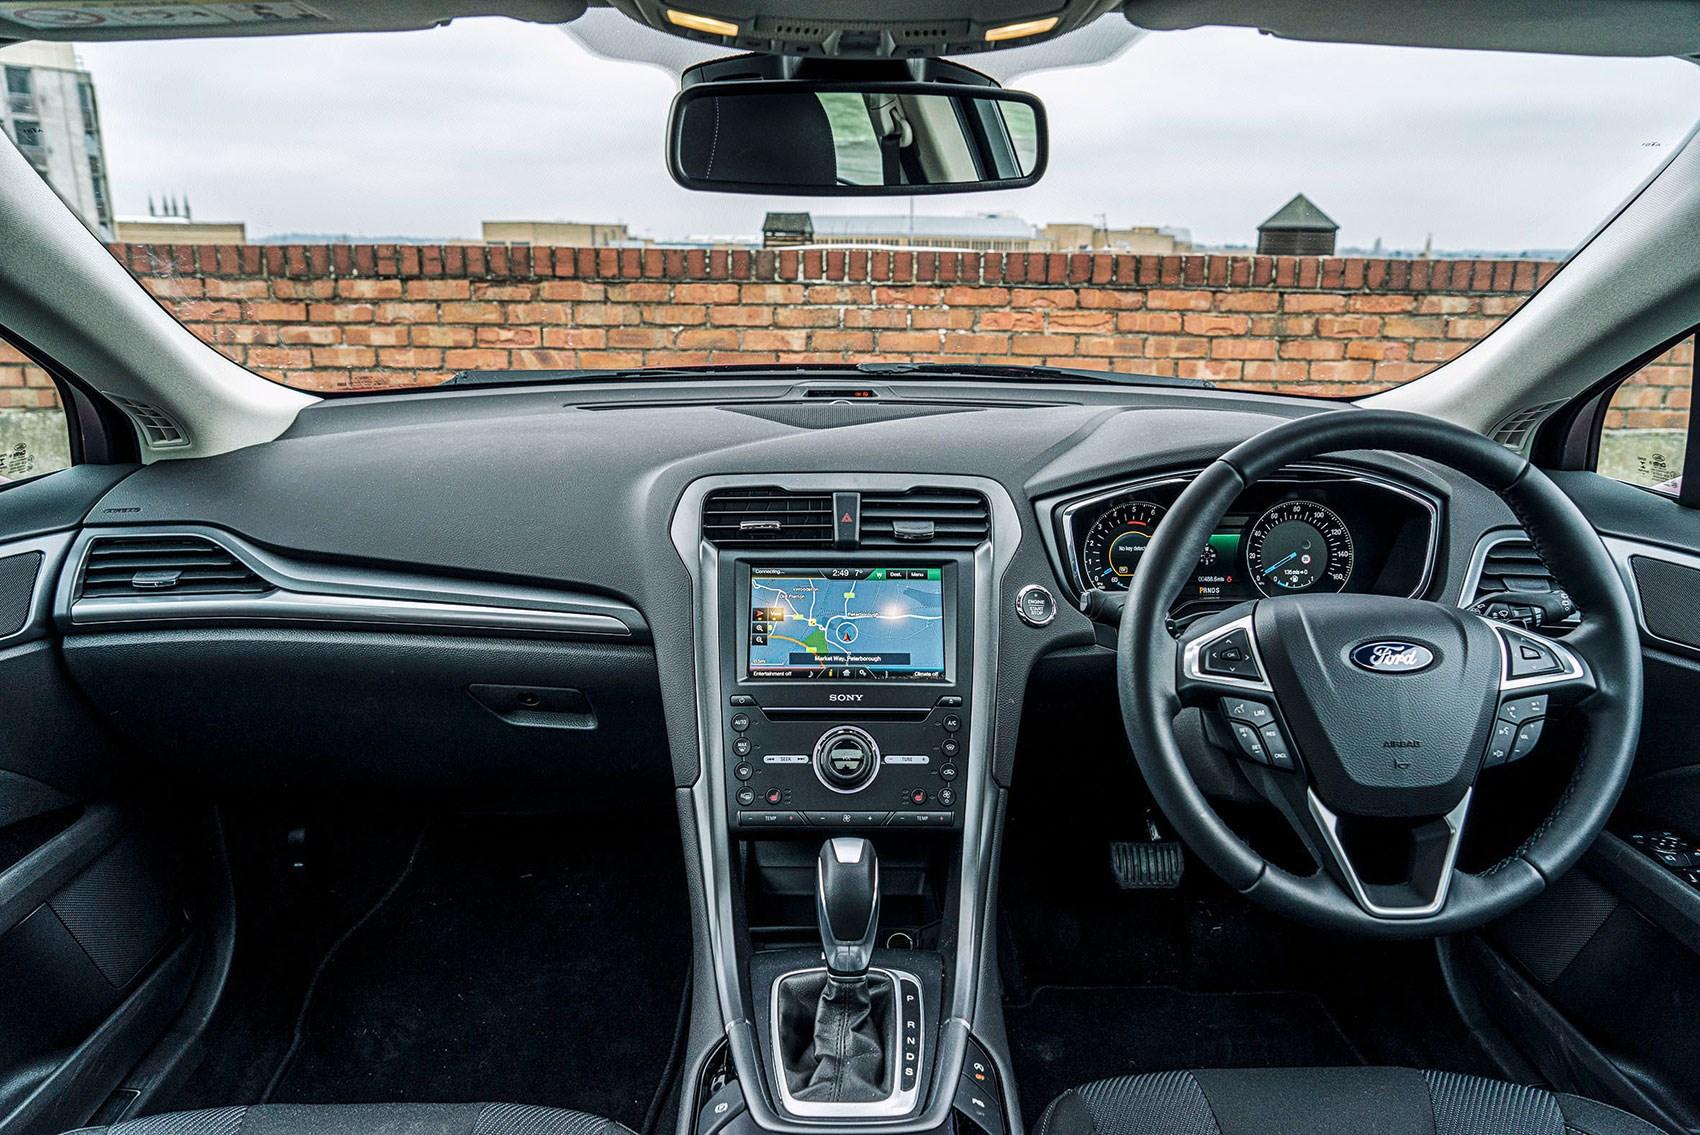 Vw Passat Estate Vs Ford Mondeo Vs Bmw 3 Series Touring Vs